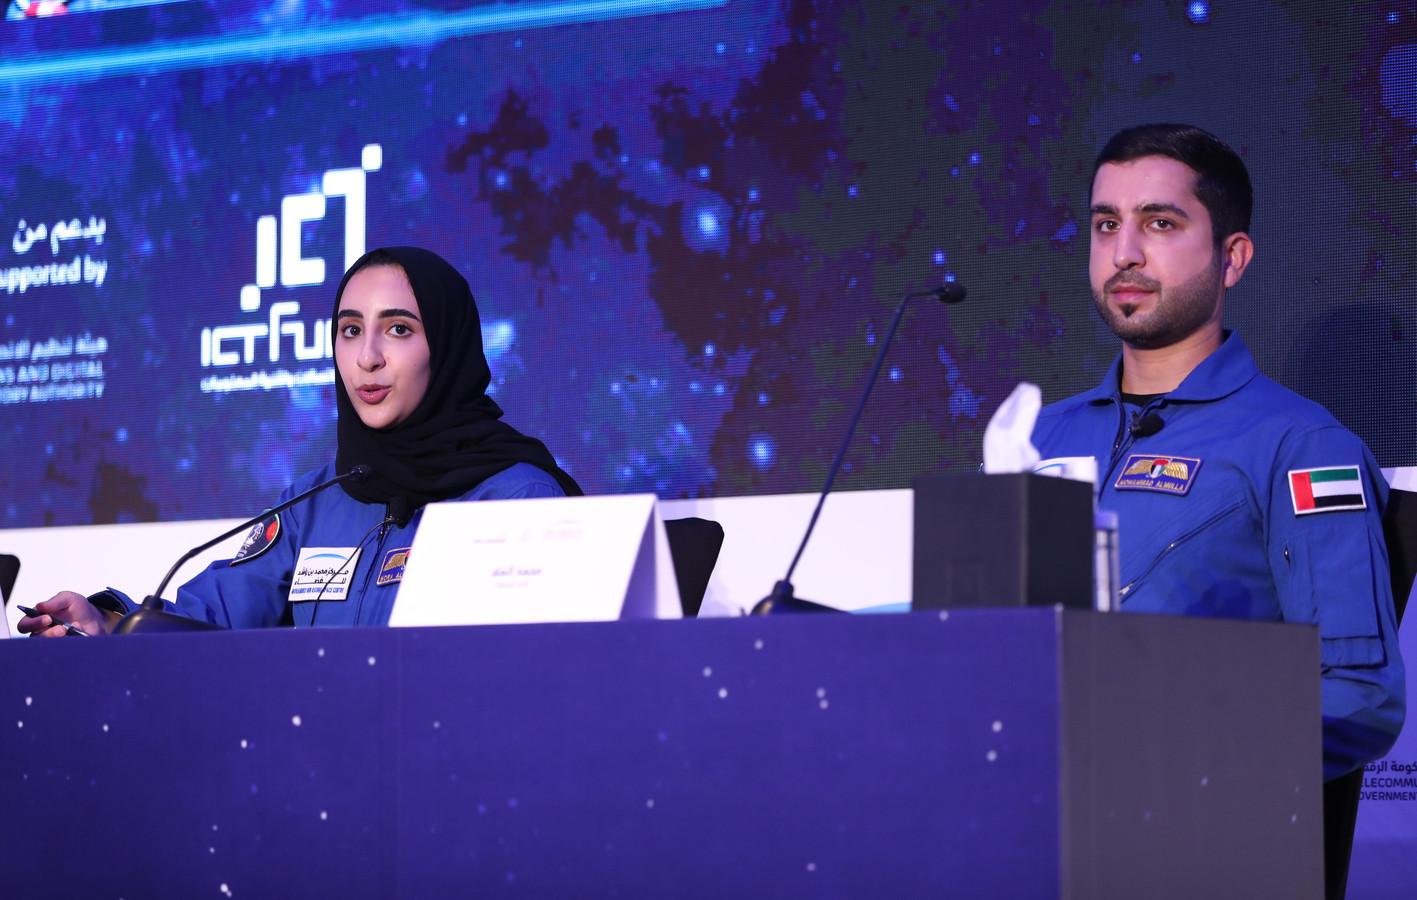 Avec son compatriote Mohamad al-Mulla, 33 ans, Nora al-Matrouchi partira cette année aux États-Unis pour s'entraîner au Centre spatial Johnson de la Nasa, à Houston (Texas).